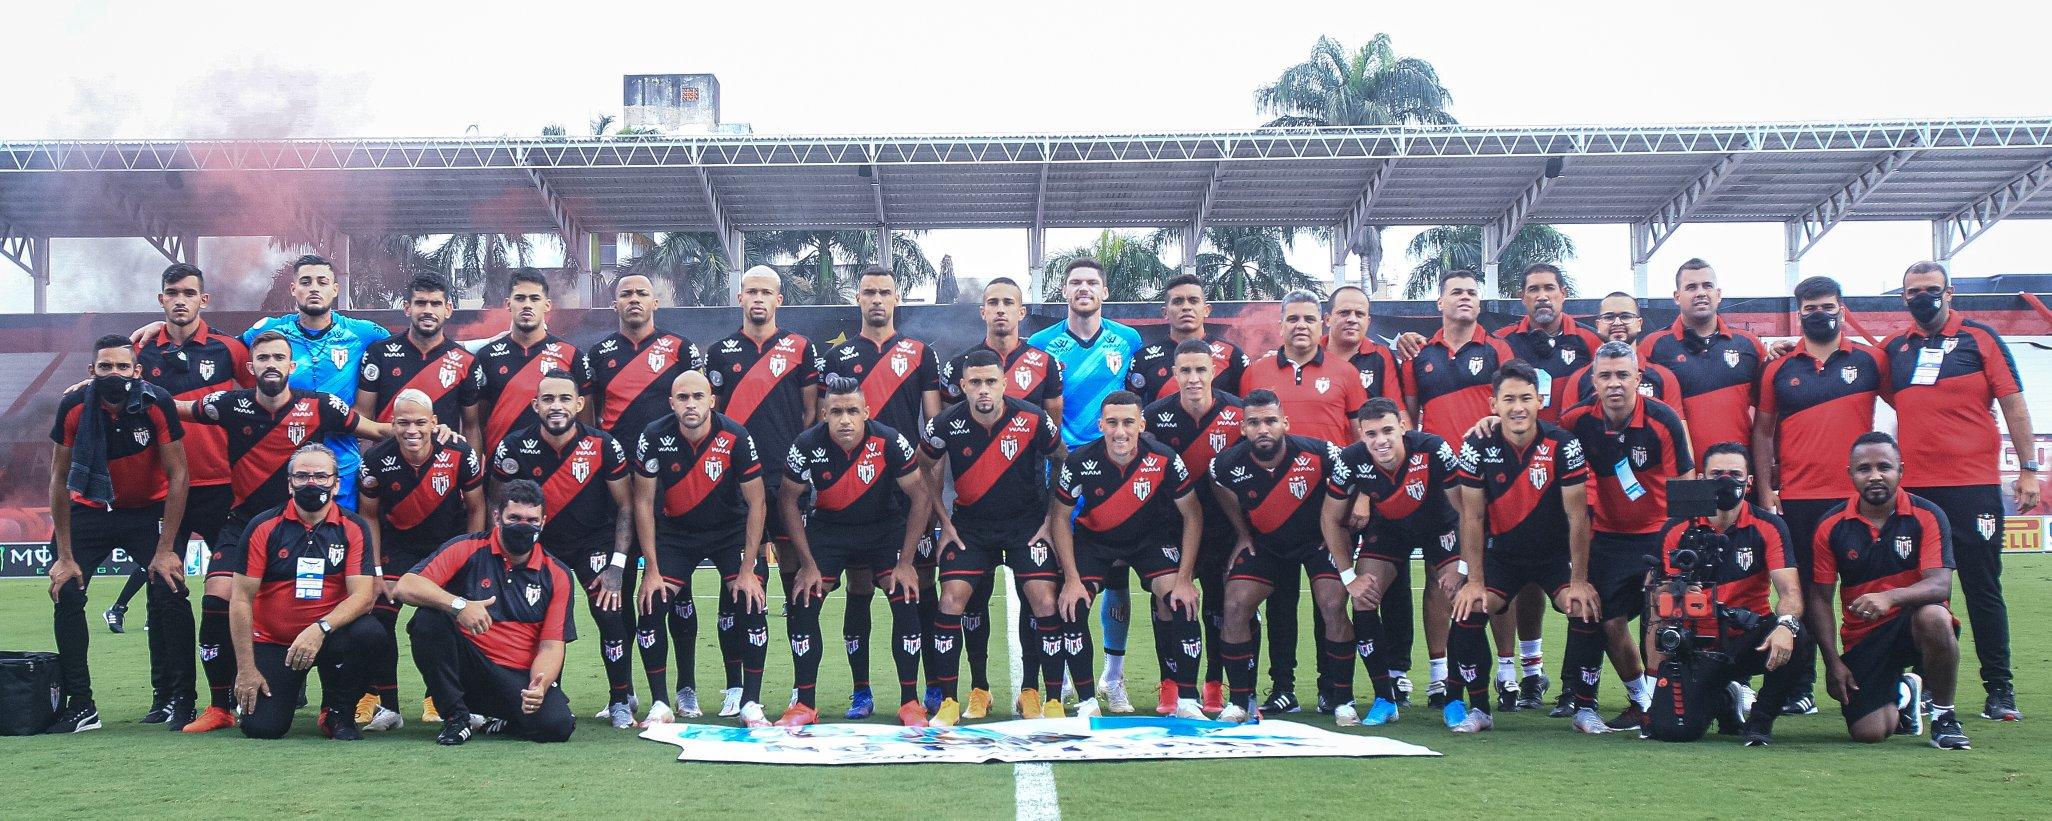 Nos pênaltis Atlético vence o Goianésia e fica com o título goiano